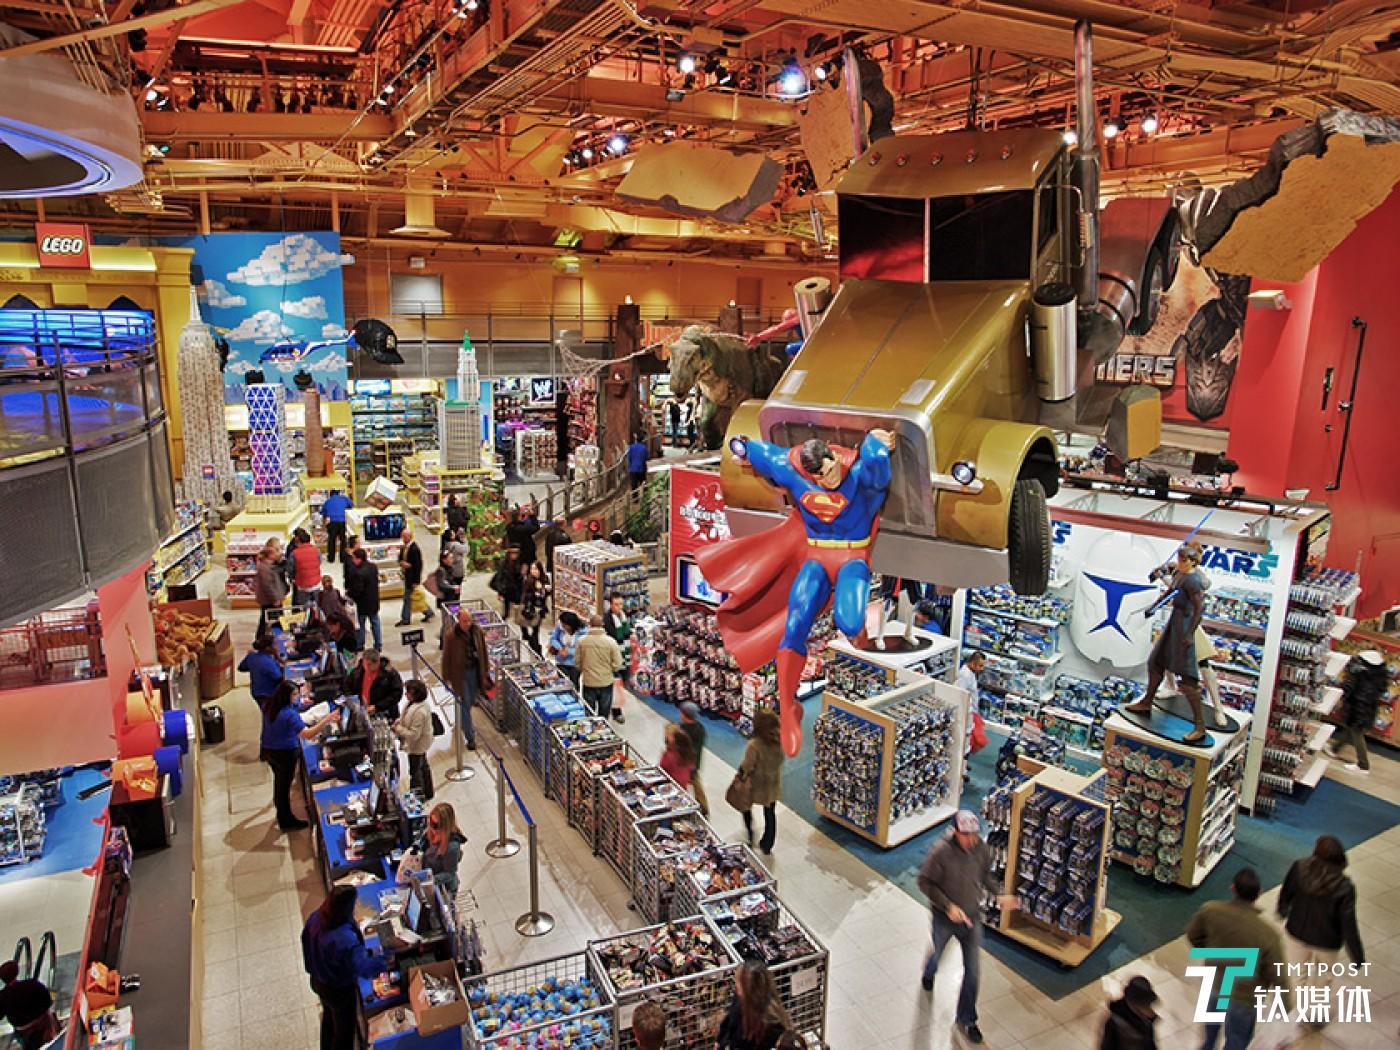 美国时代广场的Toys R Us门店。图片来源/cbsnews